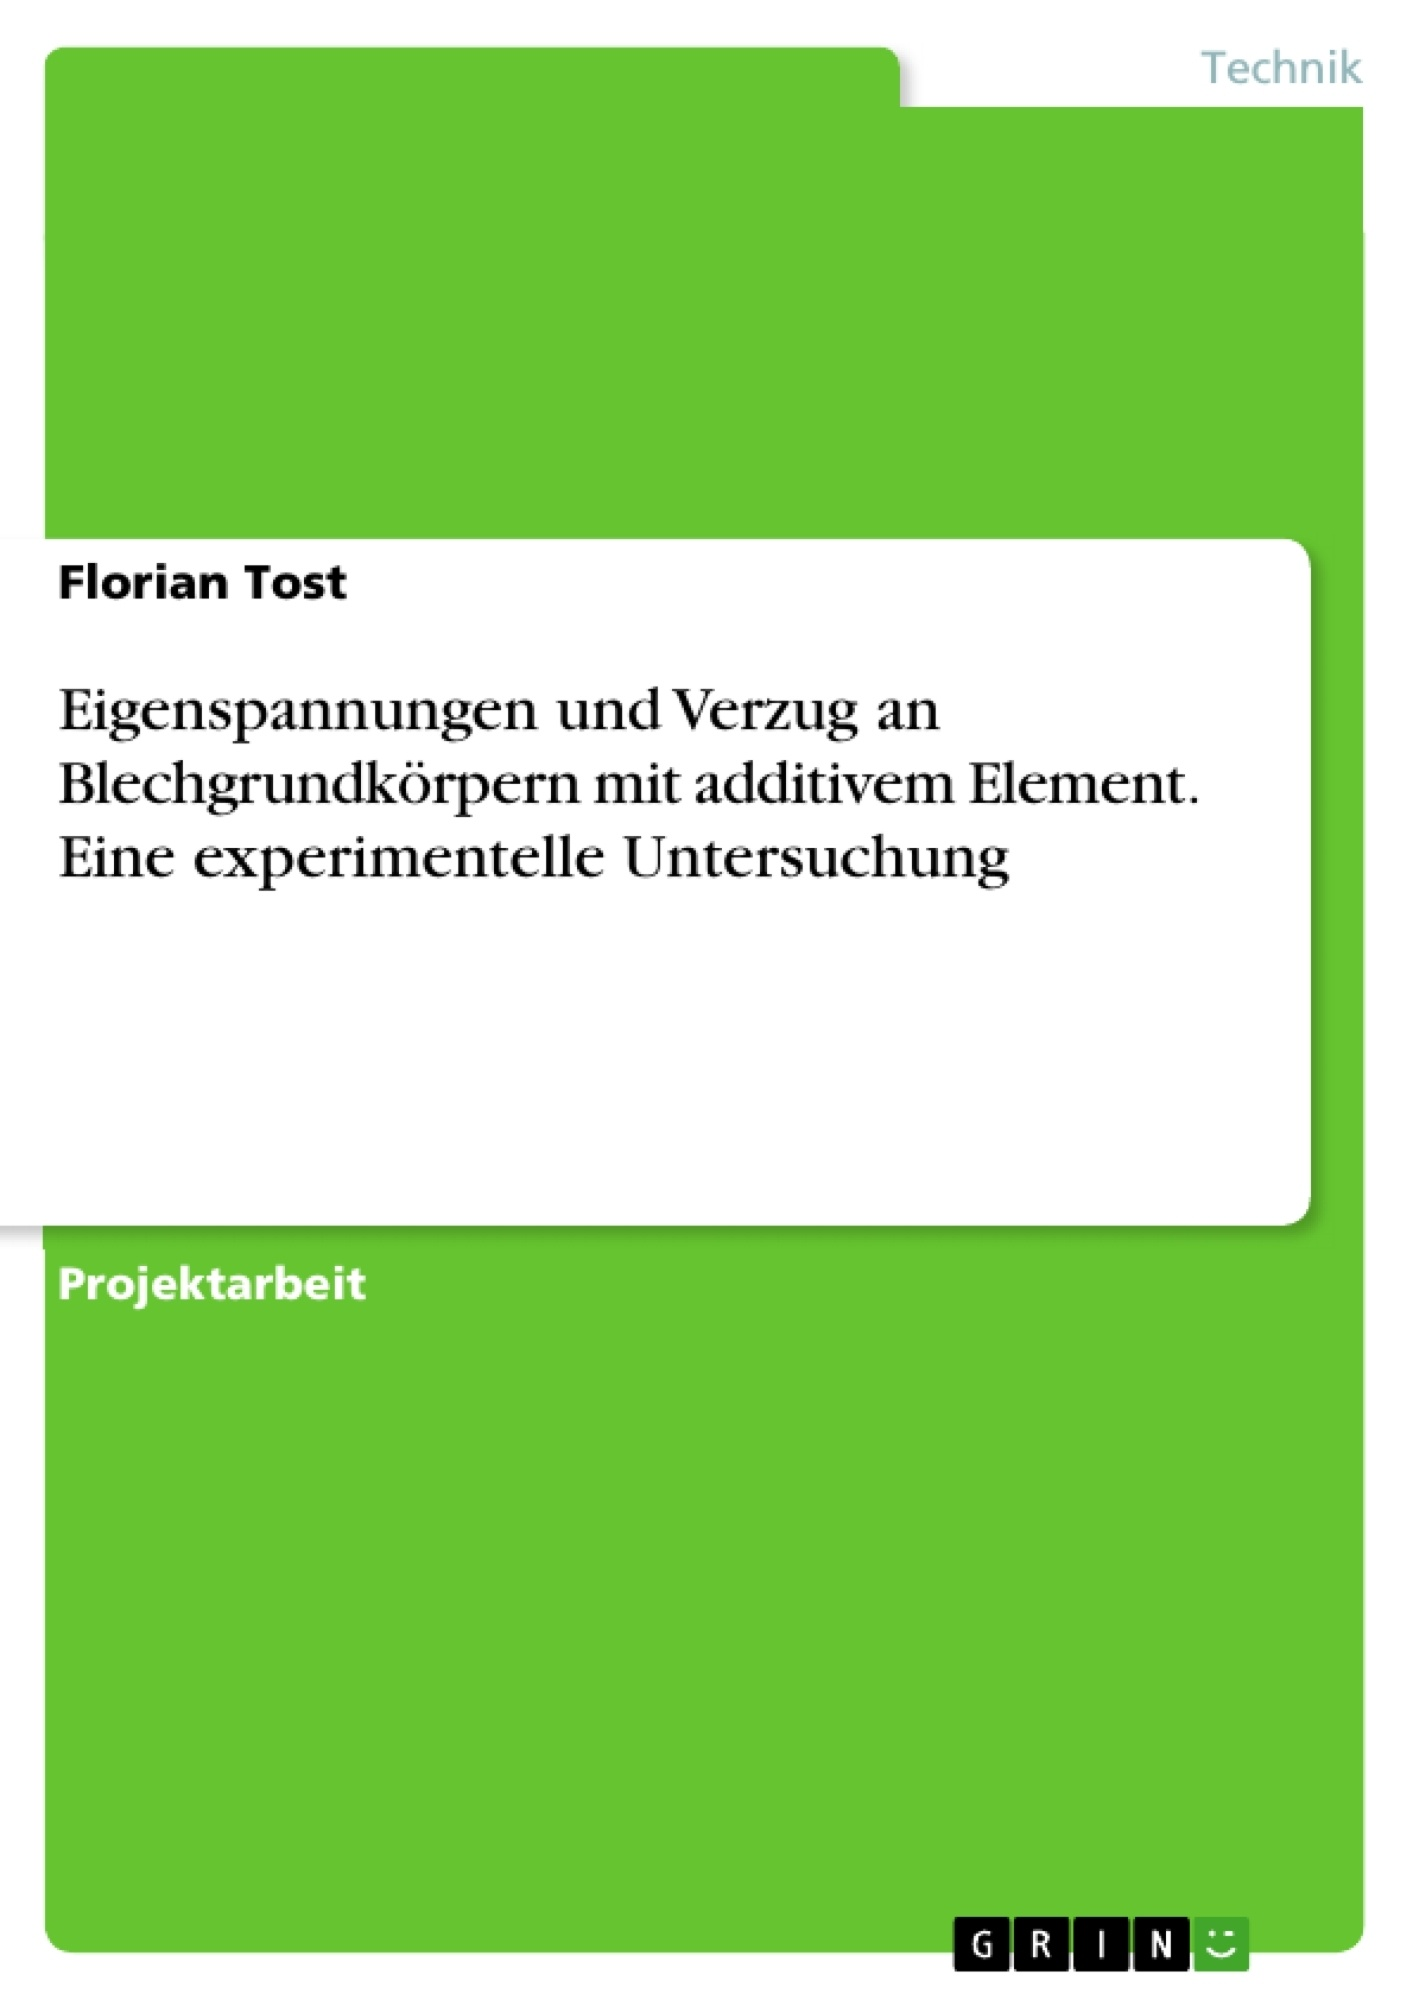 Titel: Eigenspannungen und Verzug an Blechgrundkörpern mit additivem Element. Eine experimentelle Untersuchung